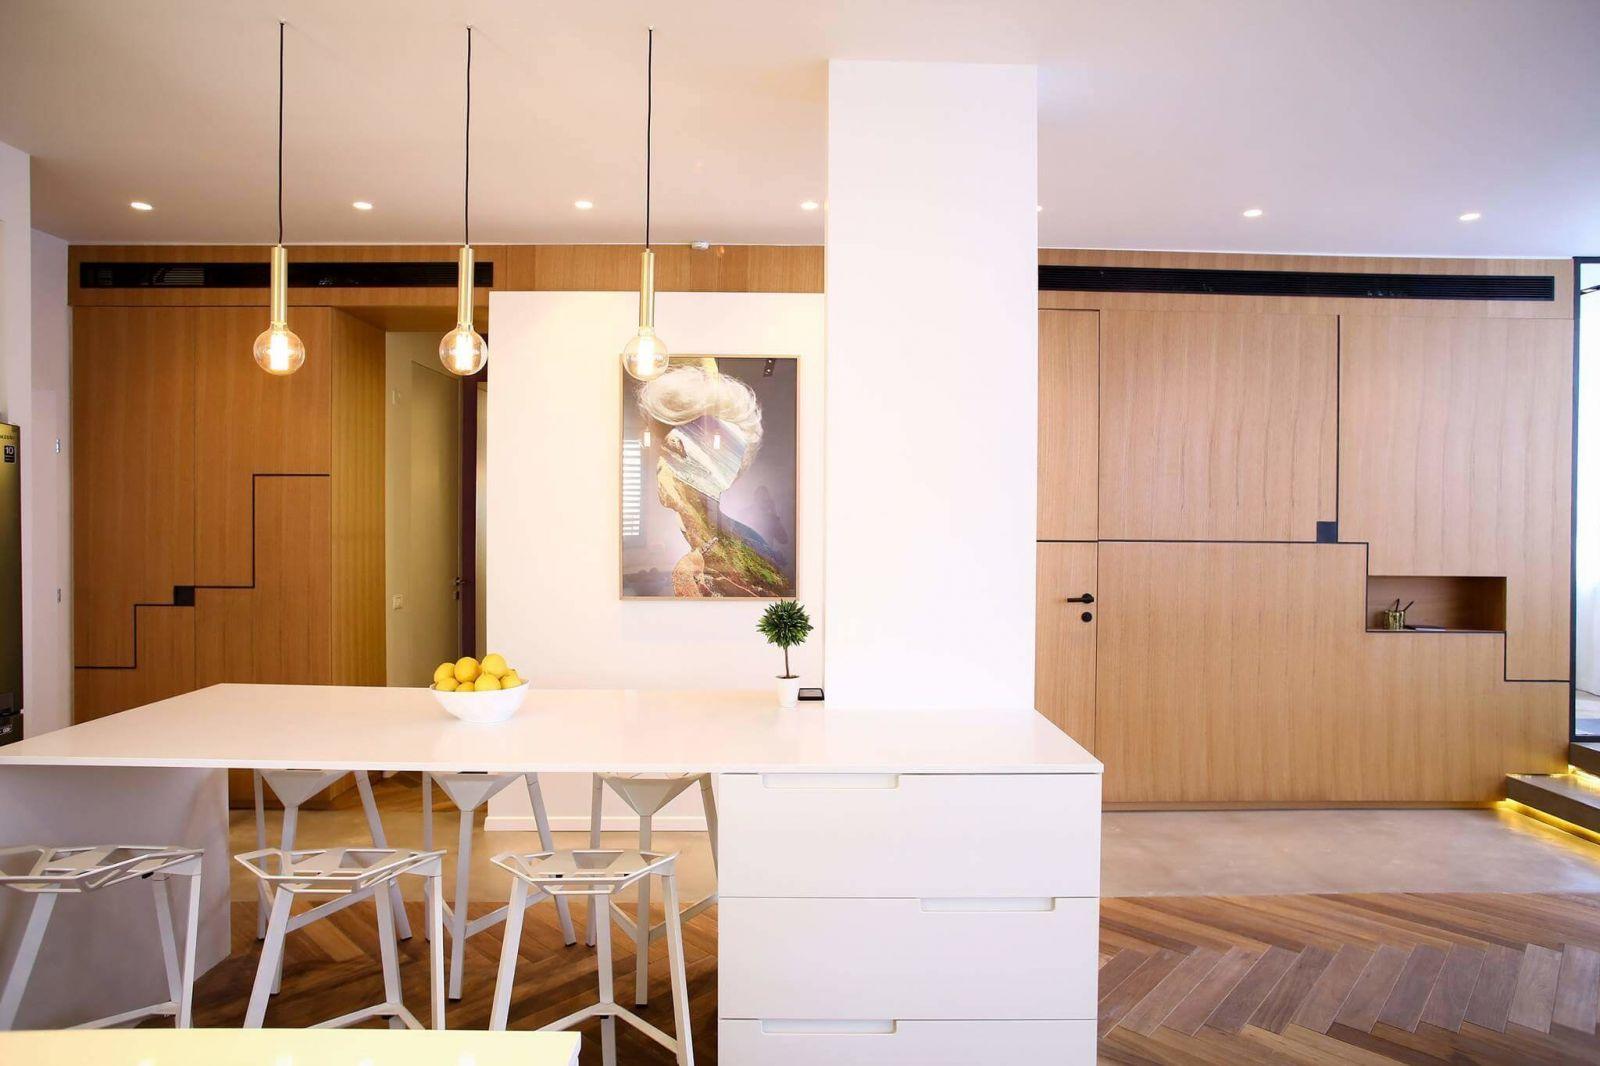 Стол используется не только как место для семейных обедов, но и какдополнительная ниша для хранения.